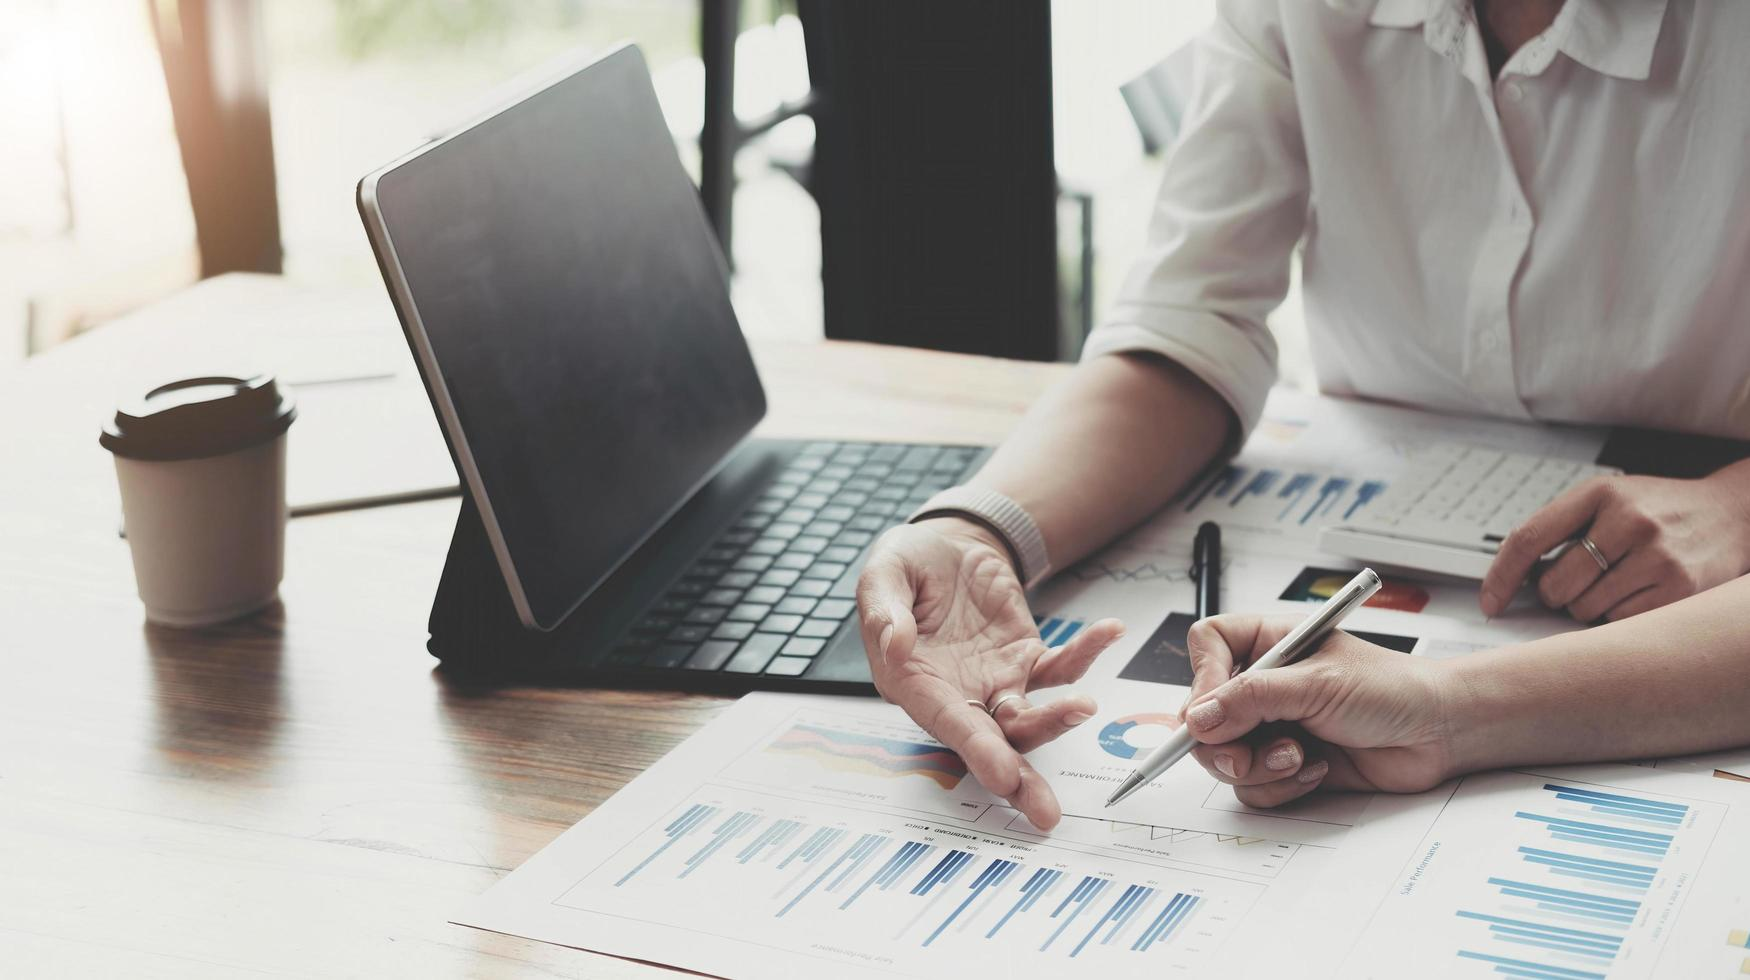 två redovisningsdiskussionsanalys som delar beräkningar om företagets budget och ekonomiska planering tillsammans på skrivbordet på kontorsrummet foto